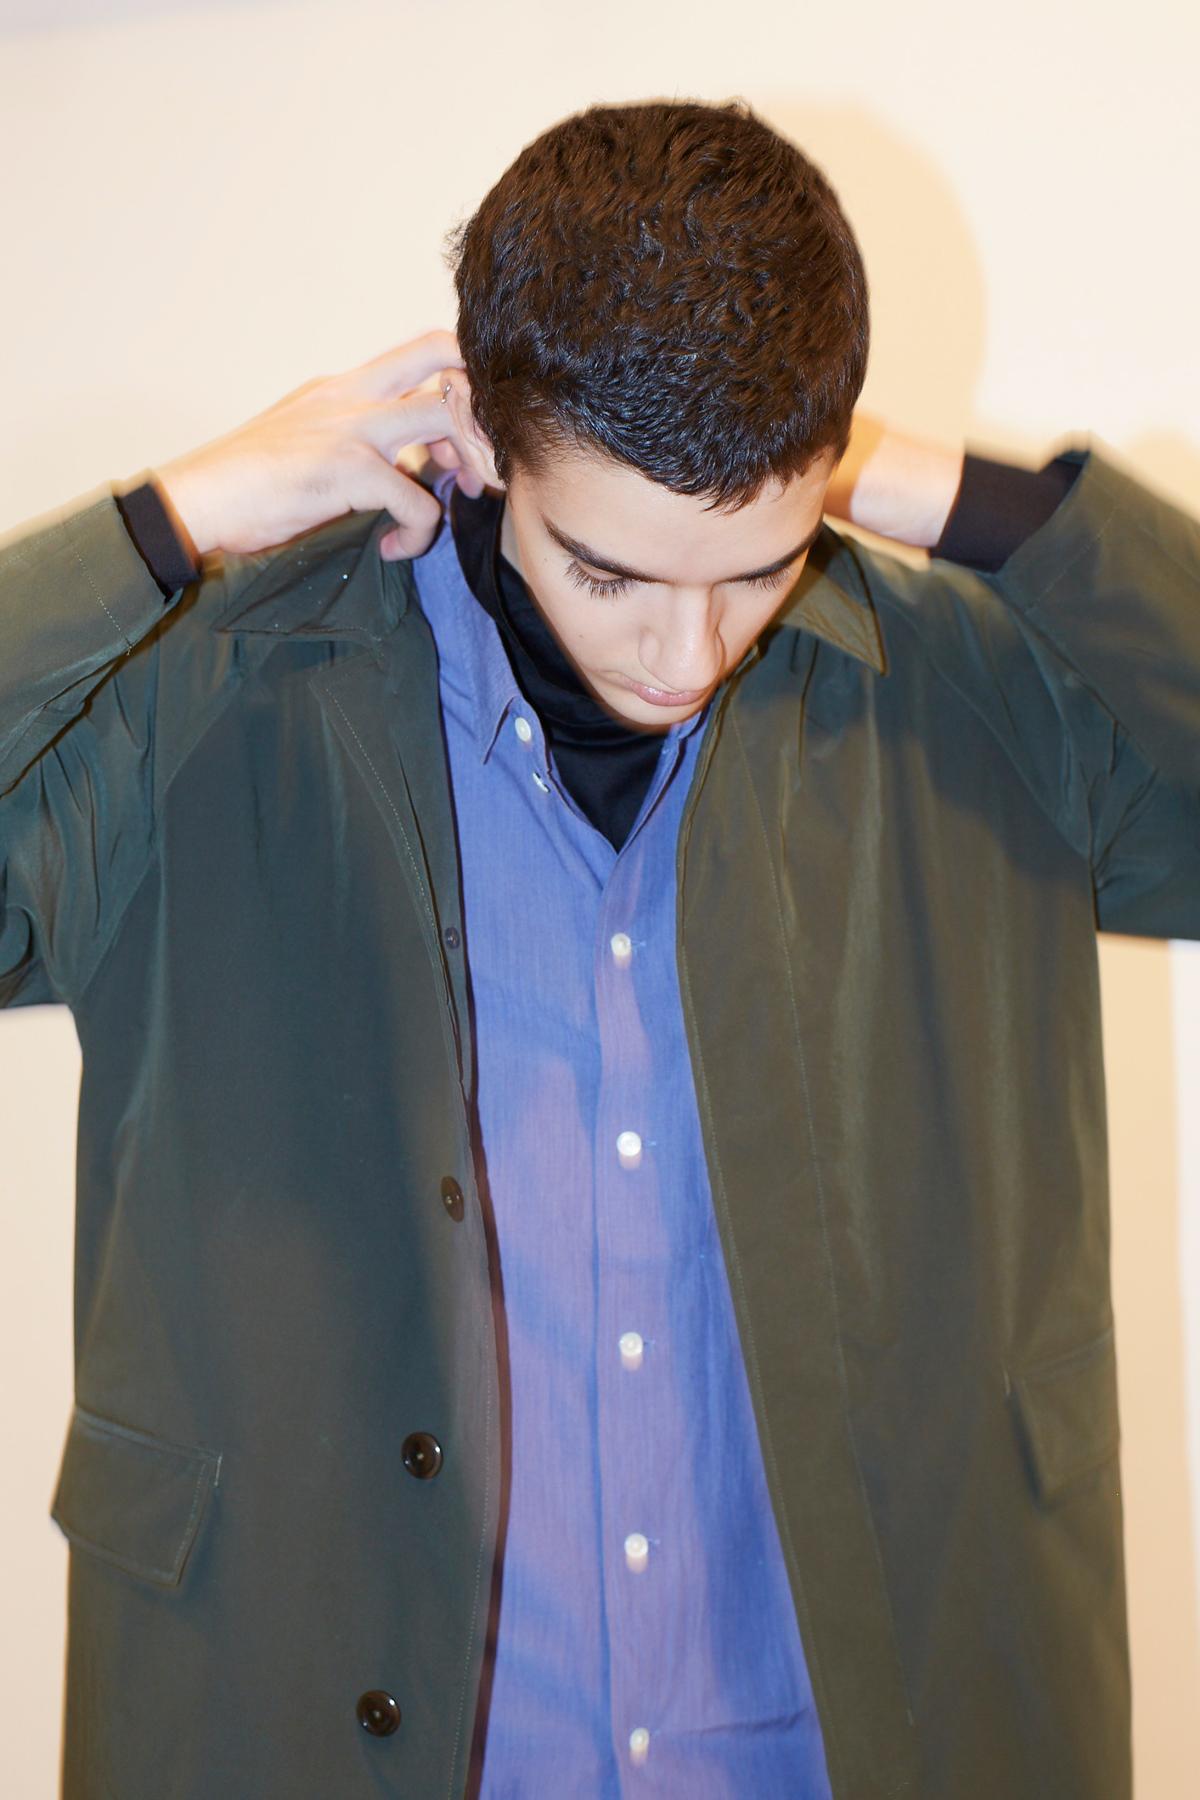 着るだけで2℃発熱して、その熱を保温してくれる。布ヒーターを使わなくても、秋冬のコートとして優秀なHEATIERコート|SANYOCOAT サンヨーコート(HEATIER)